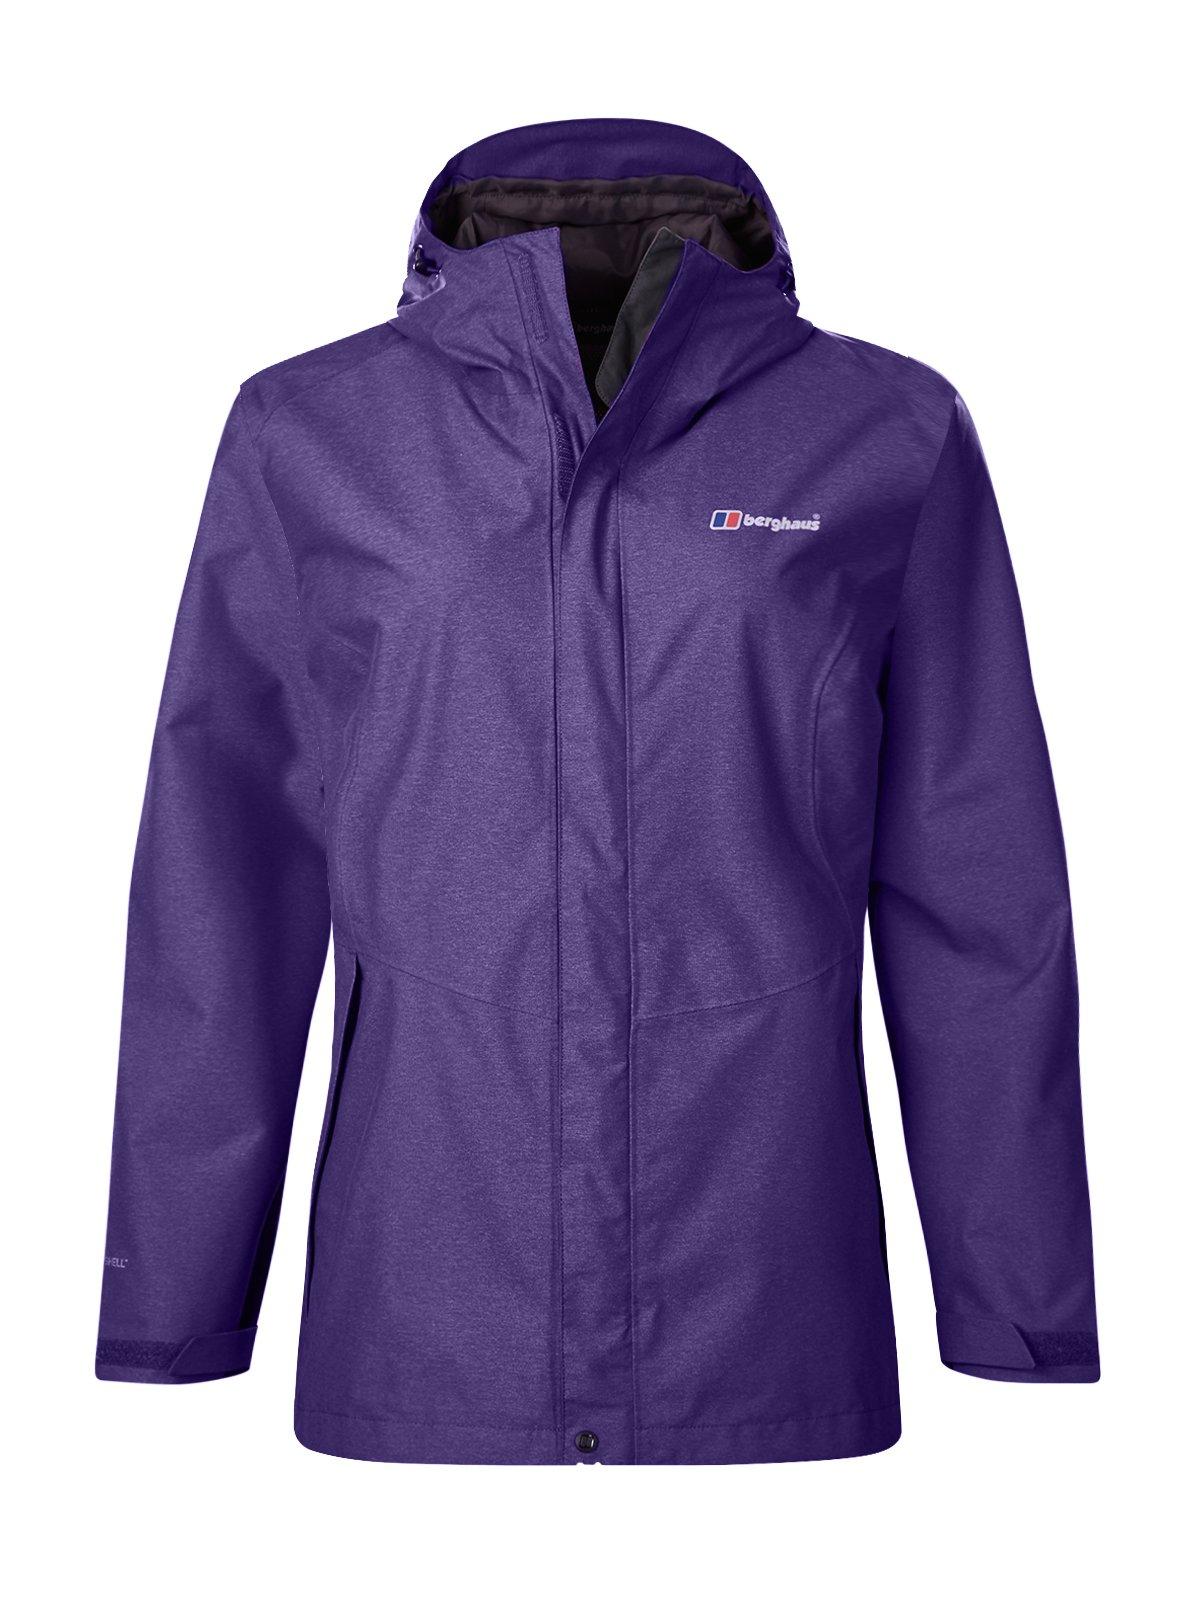 71gmCa4YW4L - Berghaus Women's Elara Waterproof Jacket